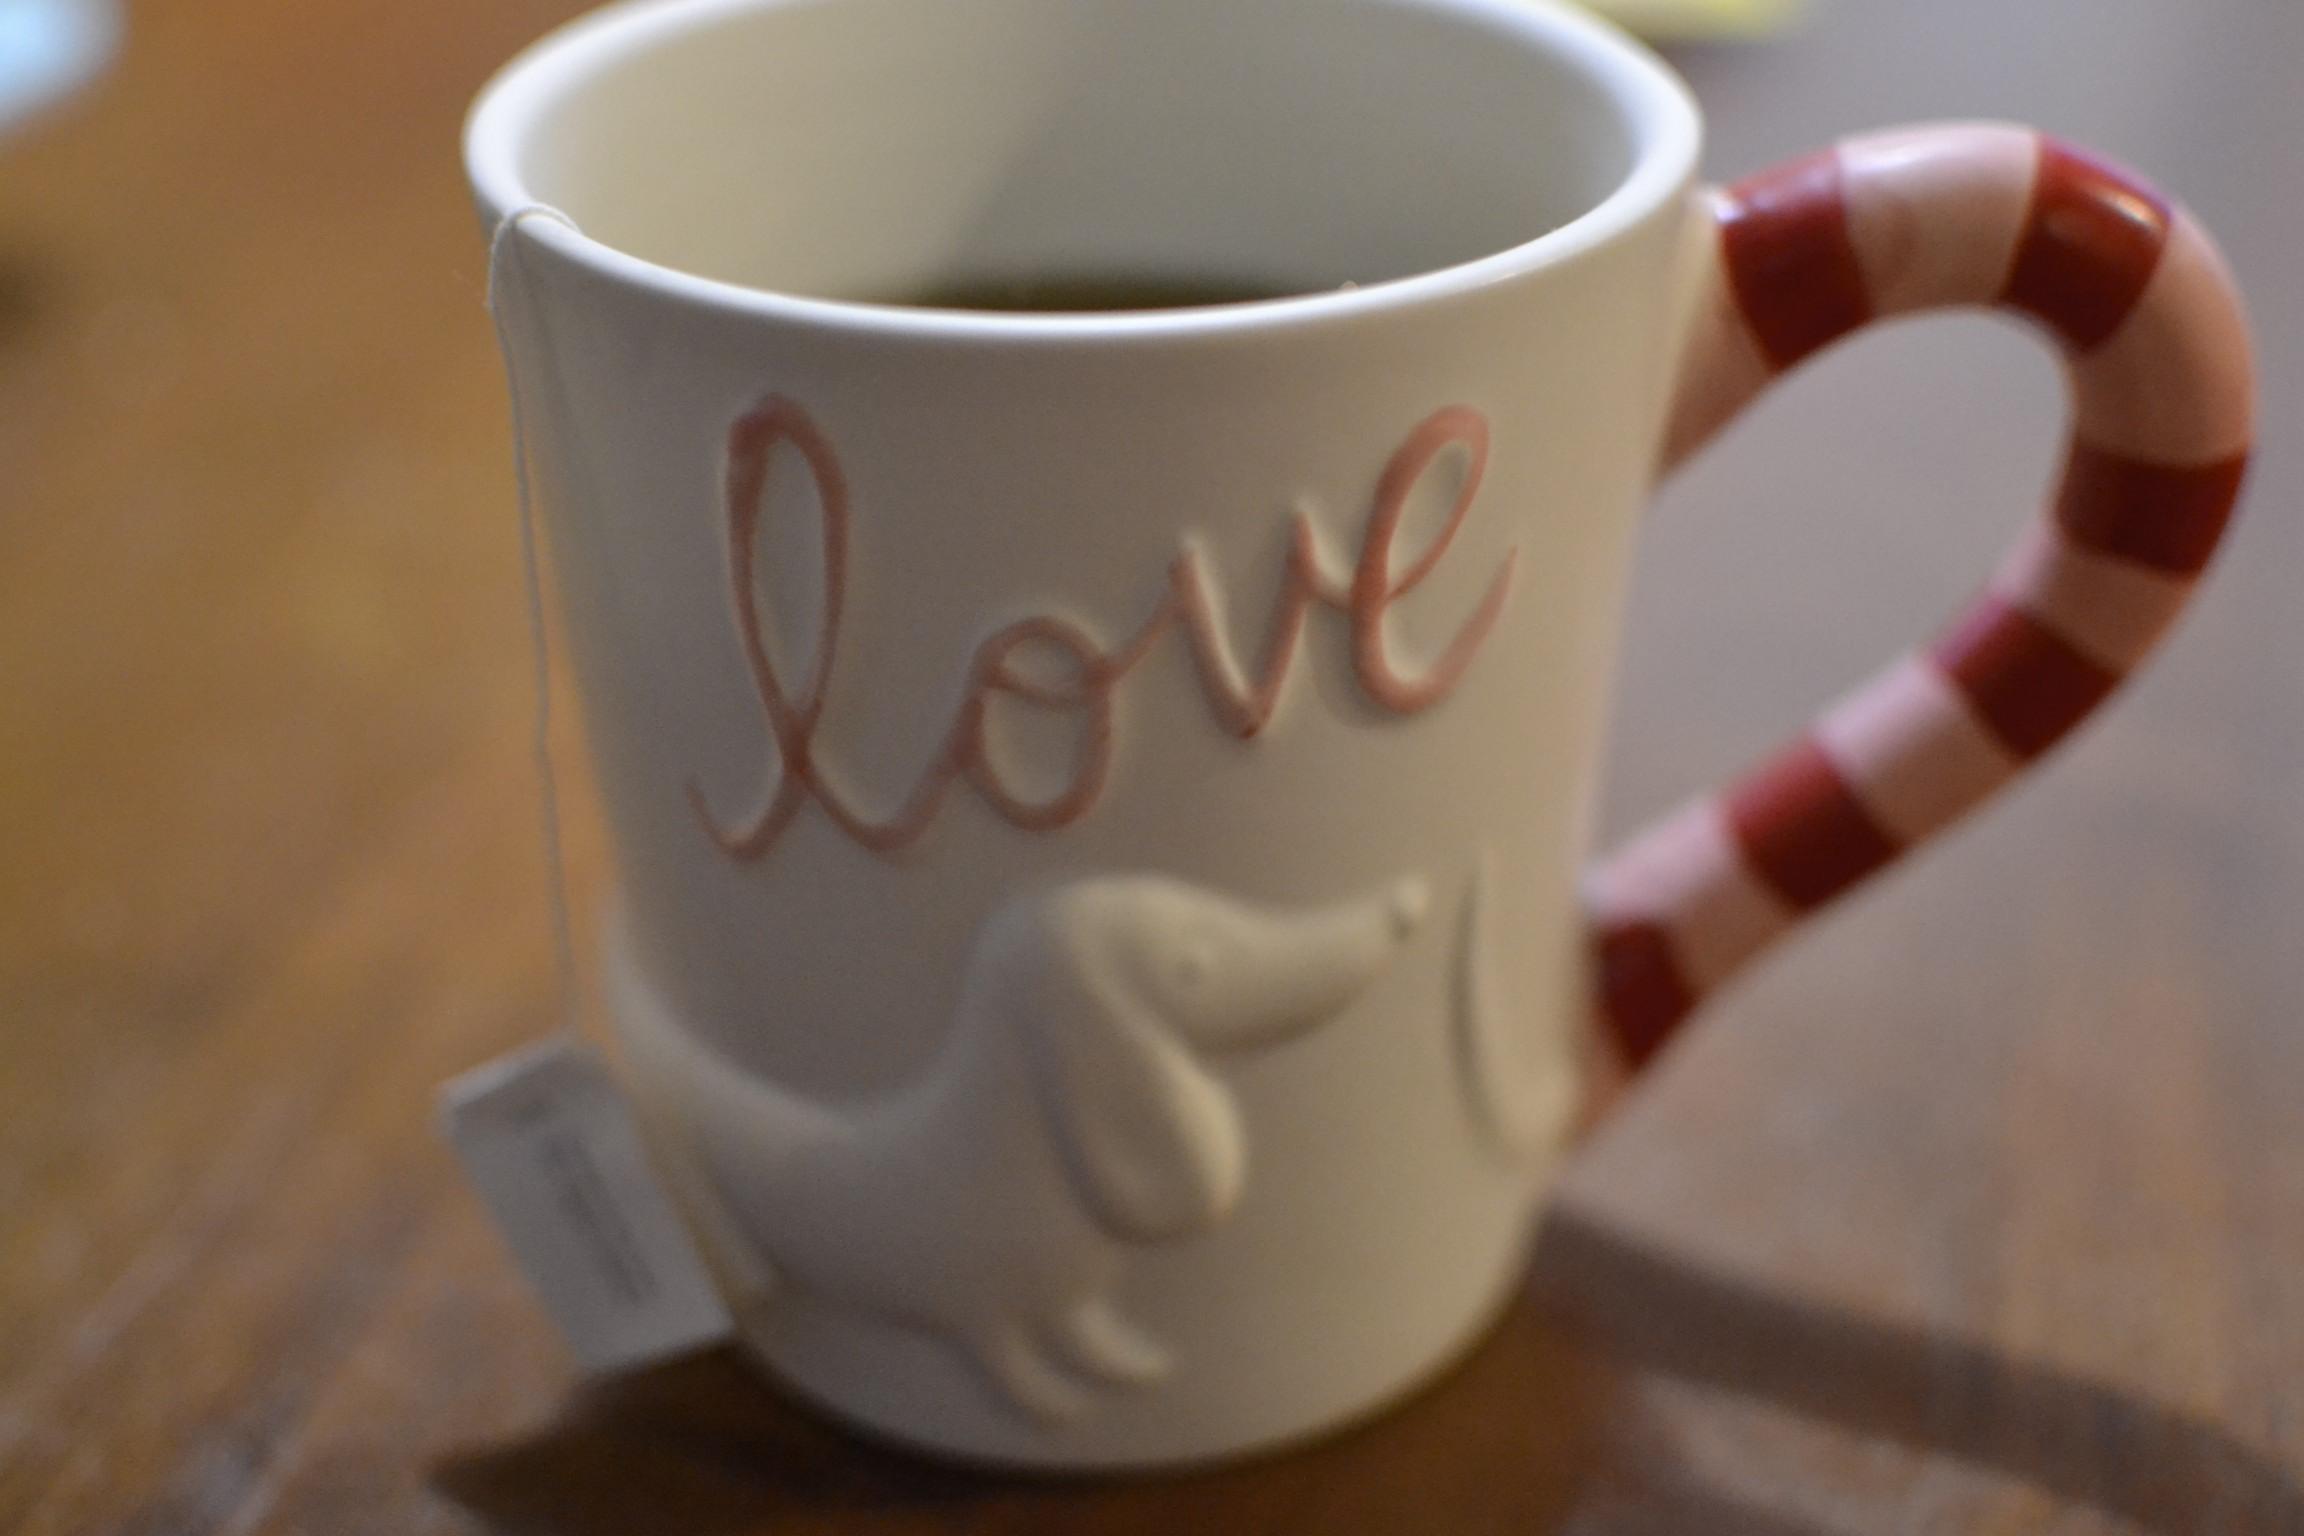 morning tea for me